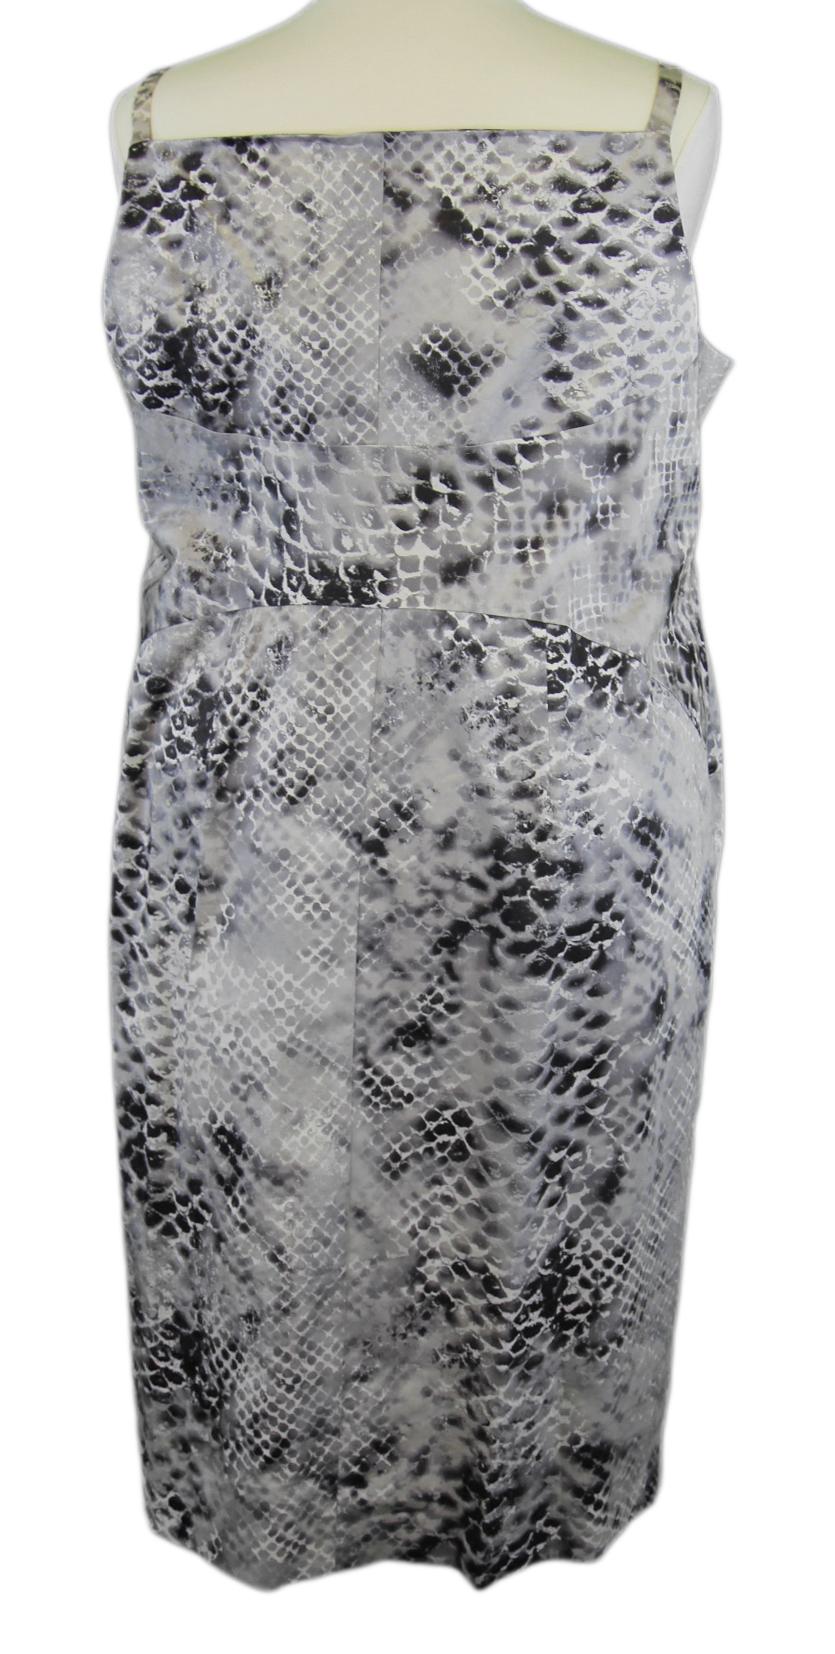 Marina Marina Marina Rinaldi By Maxmara Legnano Mehrfarbig Schlangenhaut Kleid Nwt     | Hohe Qualität und Wirtschaftlichkeit  | New Products  | Helle Farben  | Starke Hitze- und Hitzebeständigkeit  fc32f7